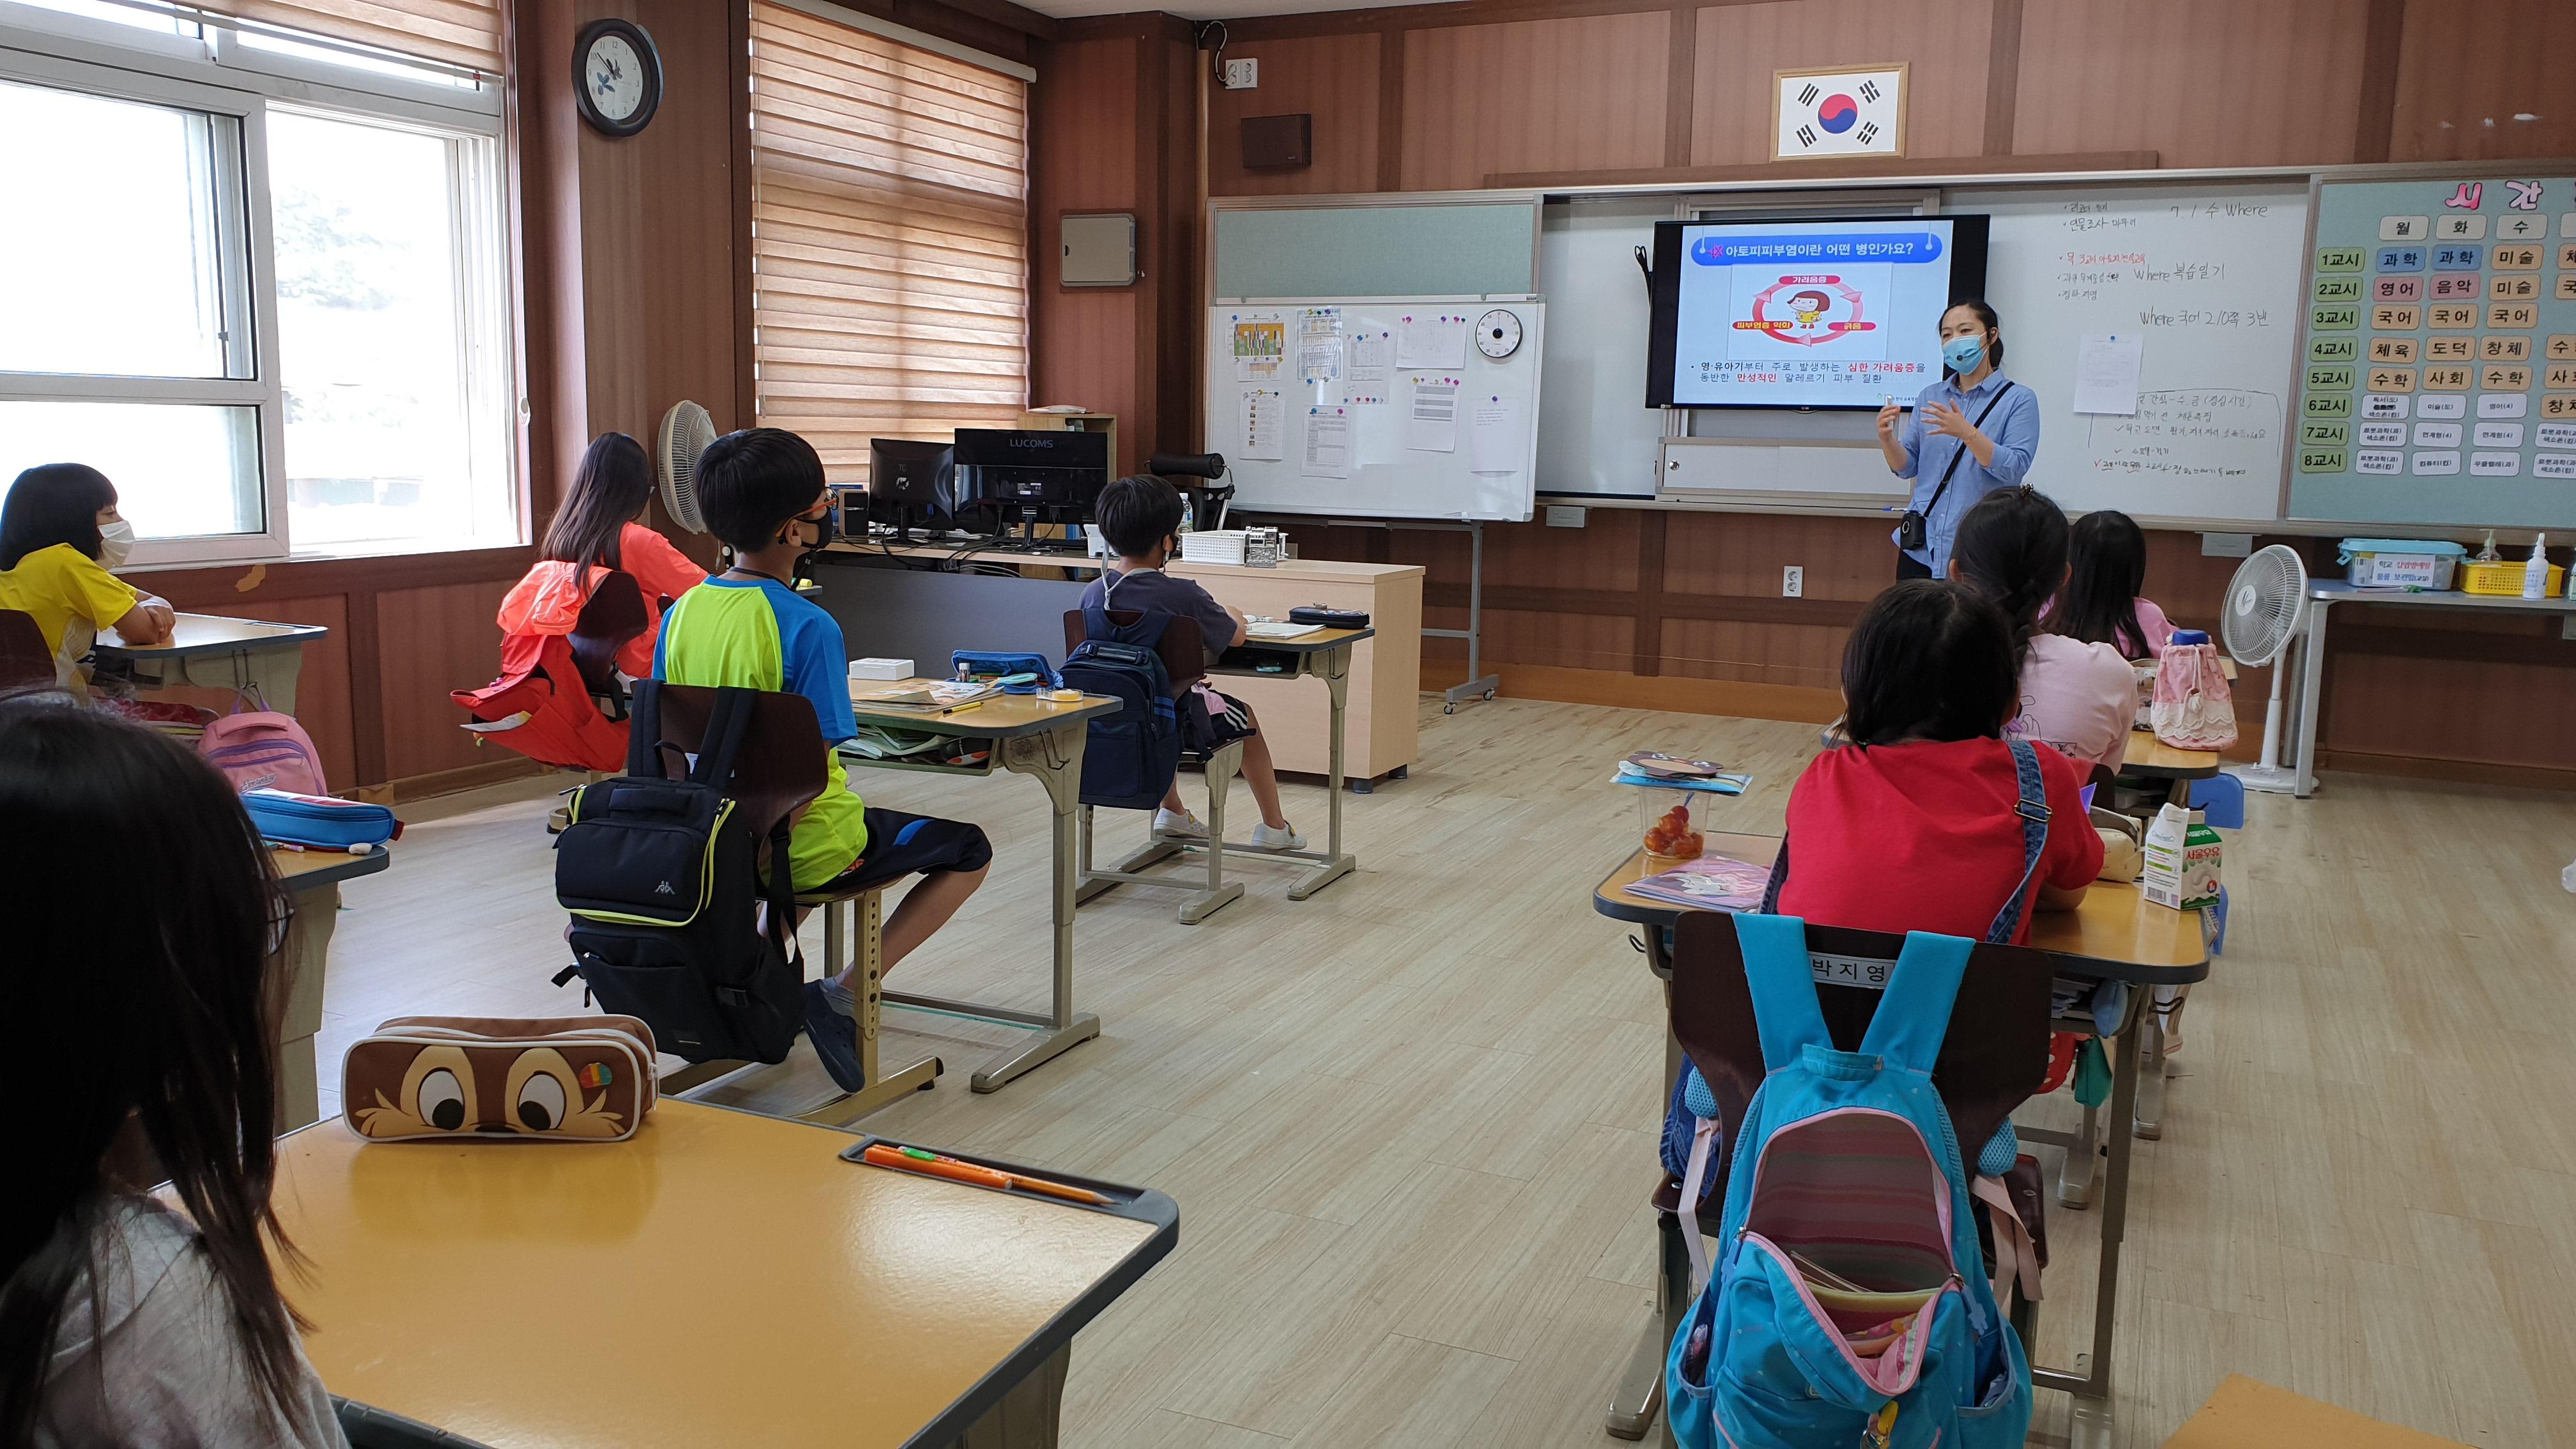 예천군 용문초등학교 학생대상 교육